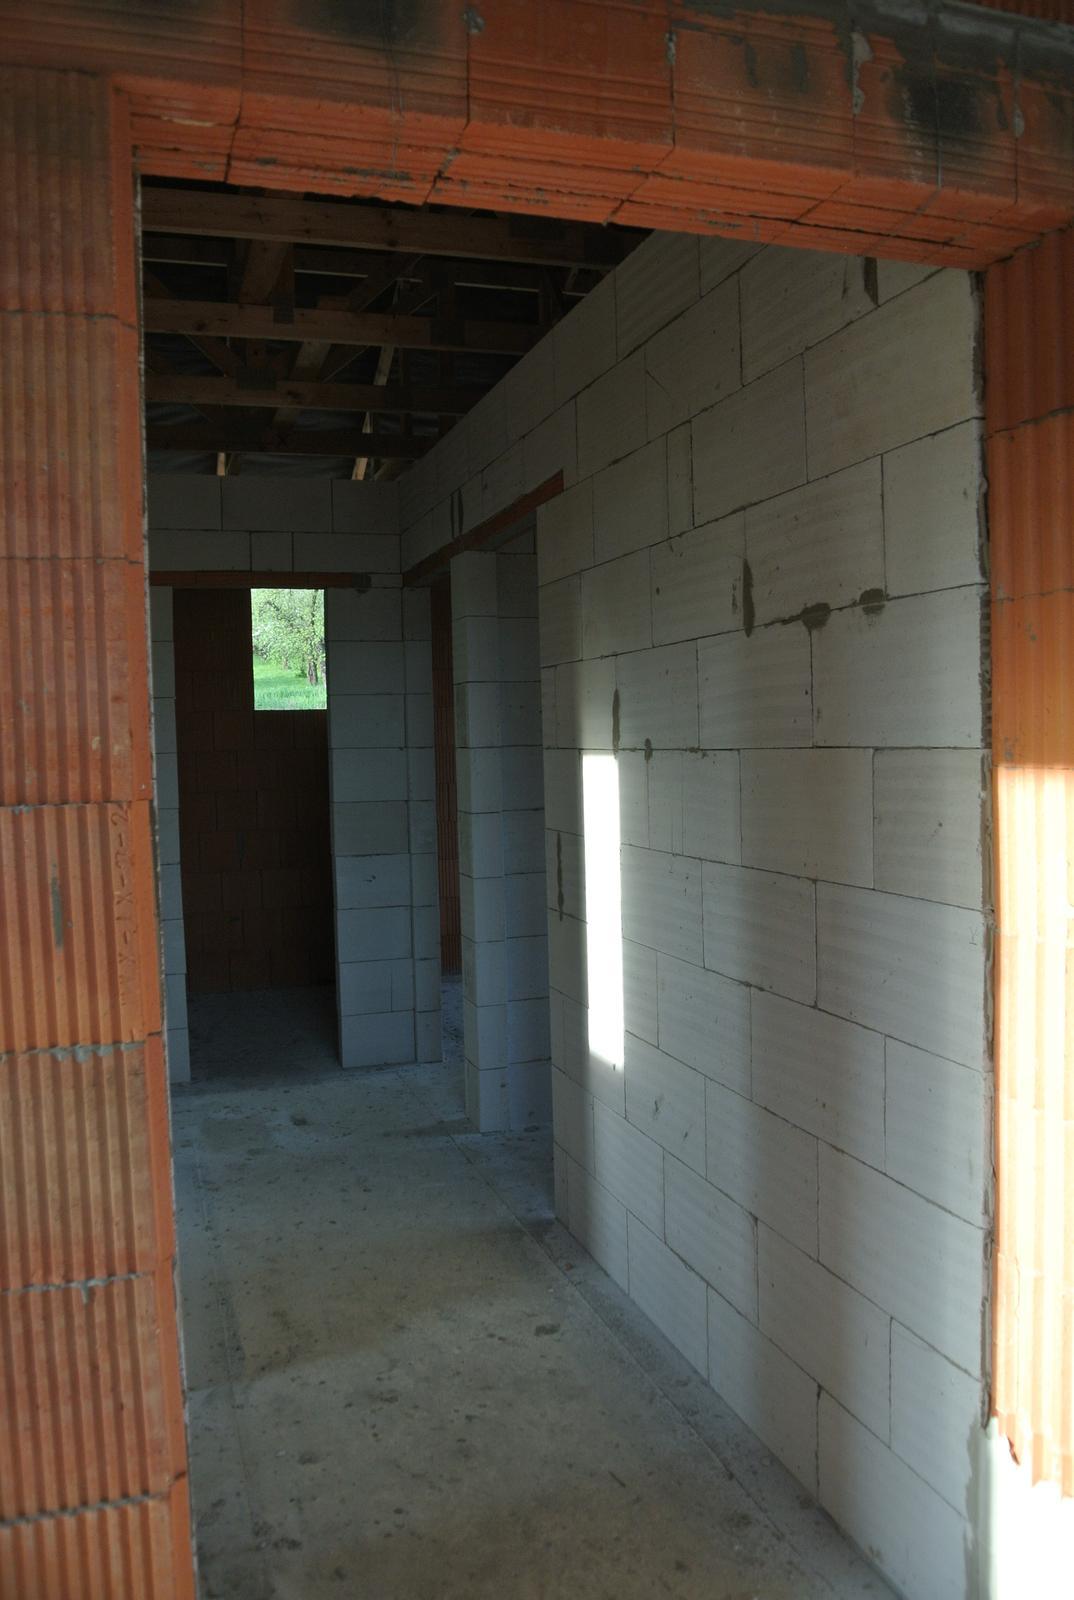 A bude domček ... - Takto to vyzerá z obývačkokuchyne smerom do domu. Vpravo detské izby, vzadu kumbál-komora, vľavo je spálňa a kúpelňa.